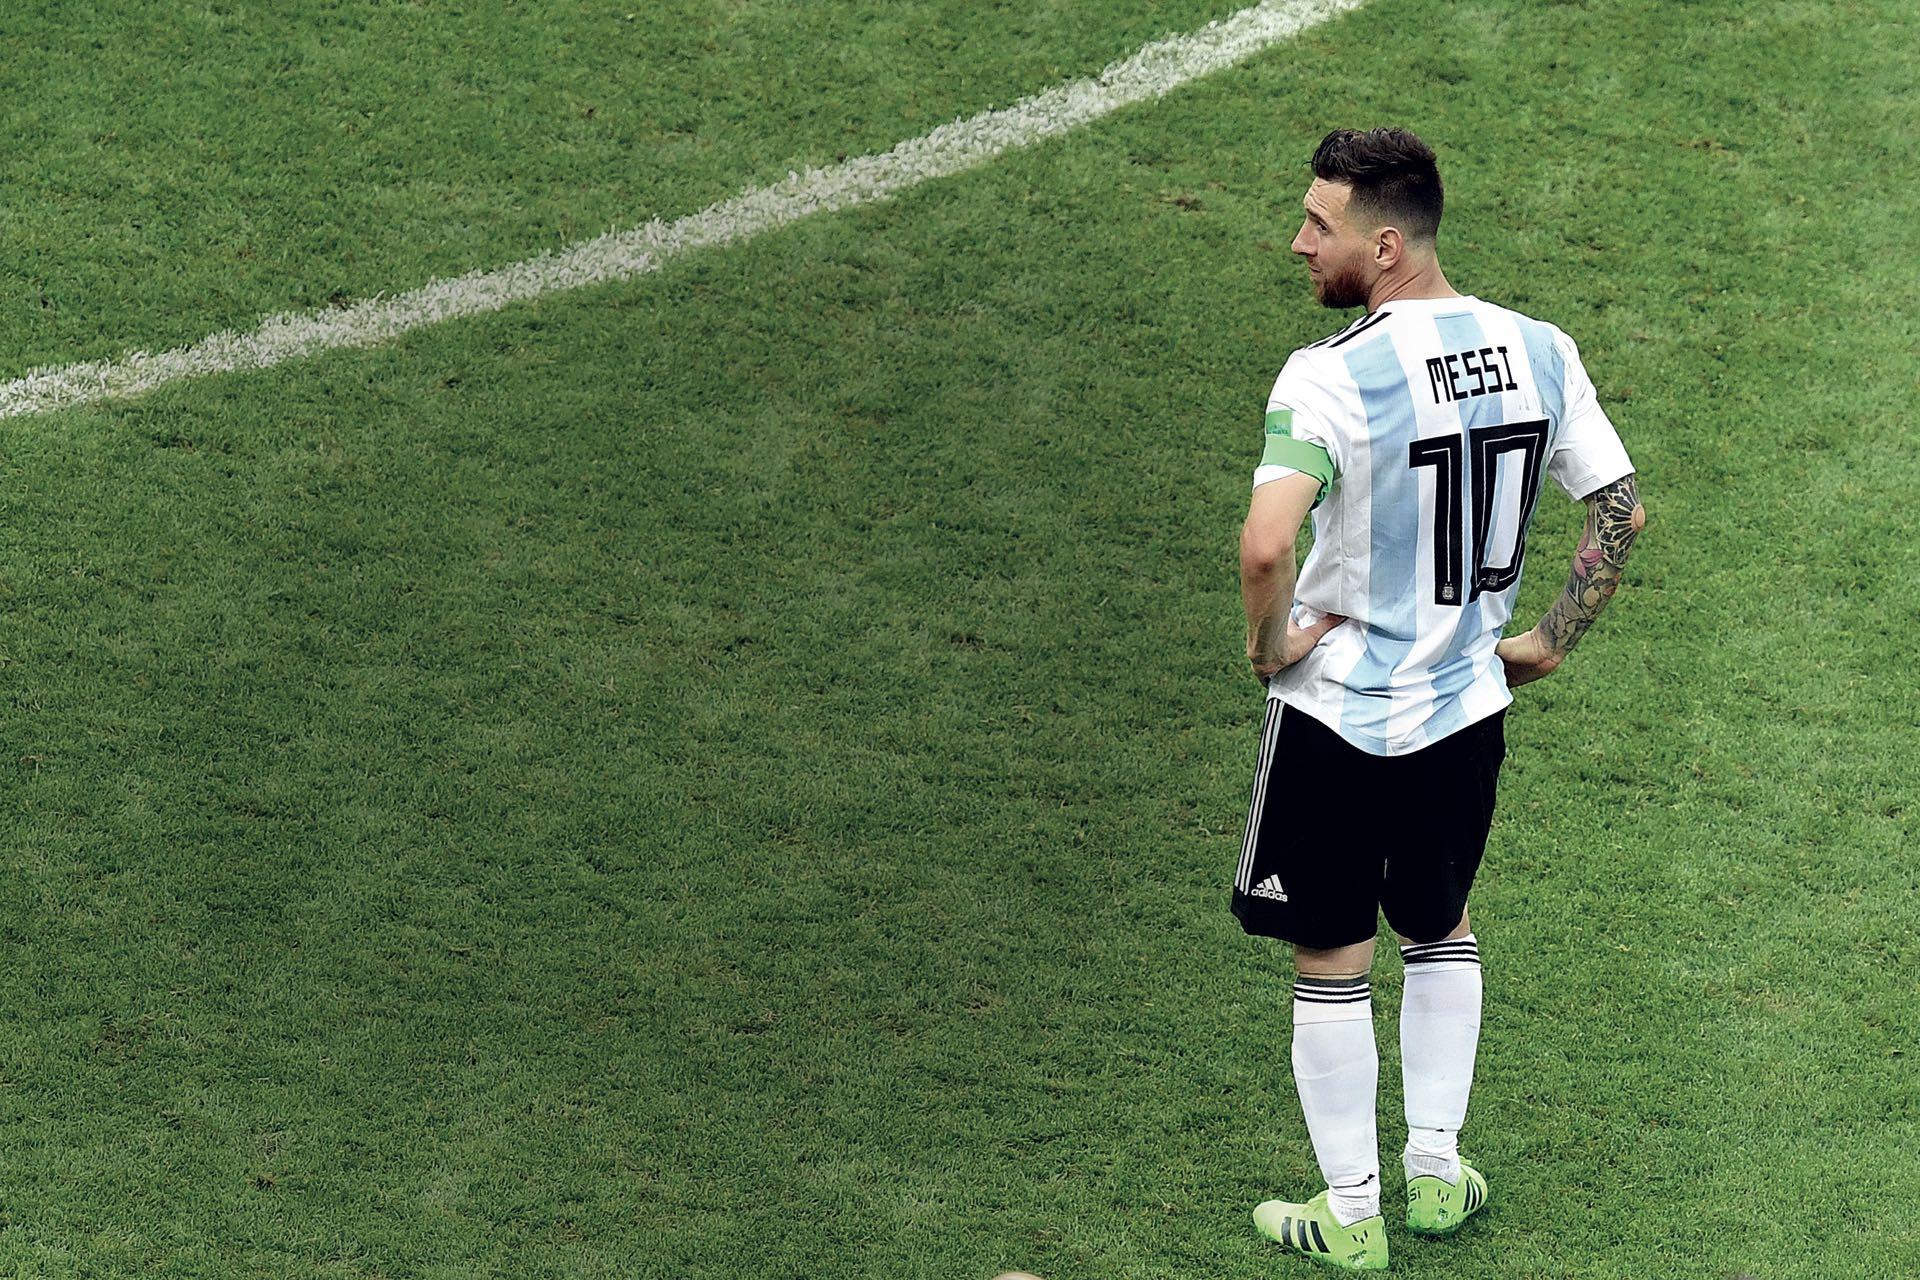 La decepción pintada en el cuerpo: Leo, con la derrota consumada, busca explicaciones y no lasencuentra. ¿Tendrá ganas de buscar revancha en Qatar 2022? El 10 de Argentina sólo pudo convertir un gol en este certamen.